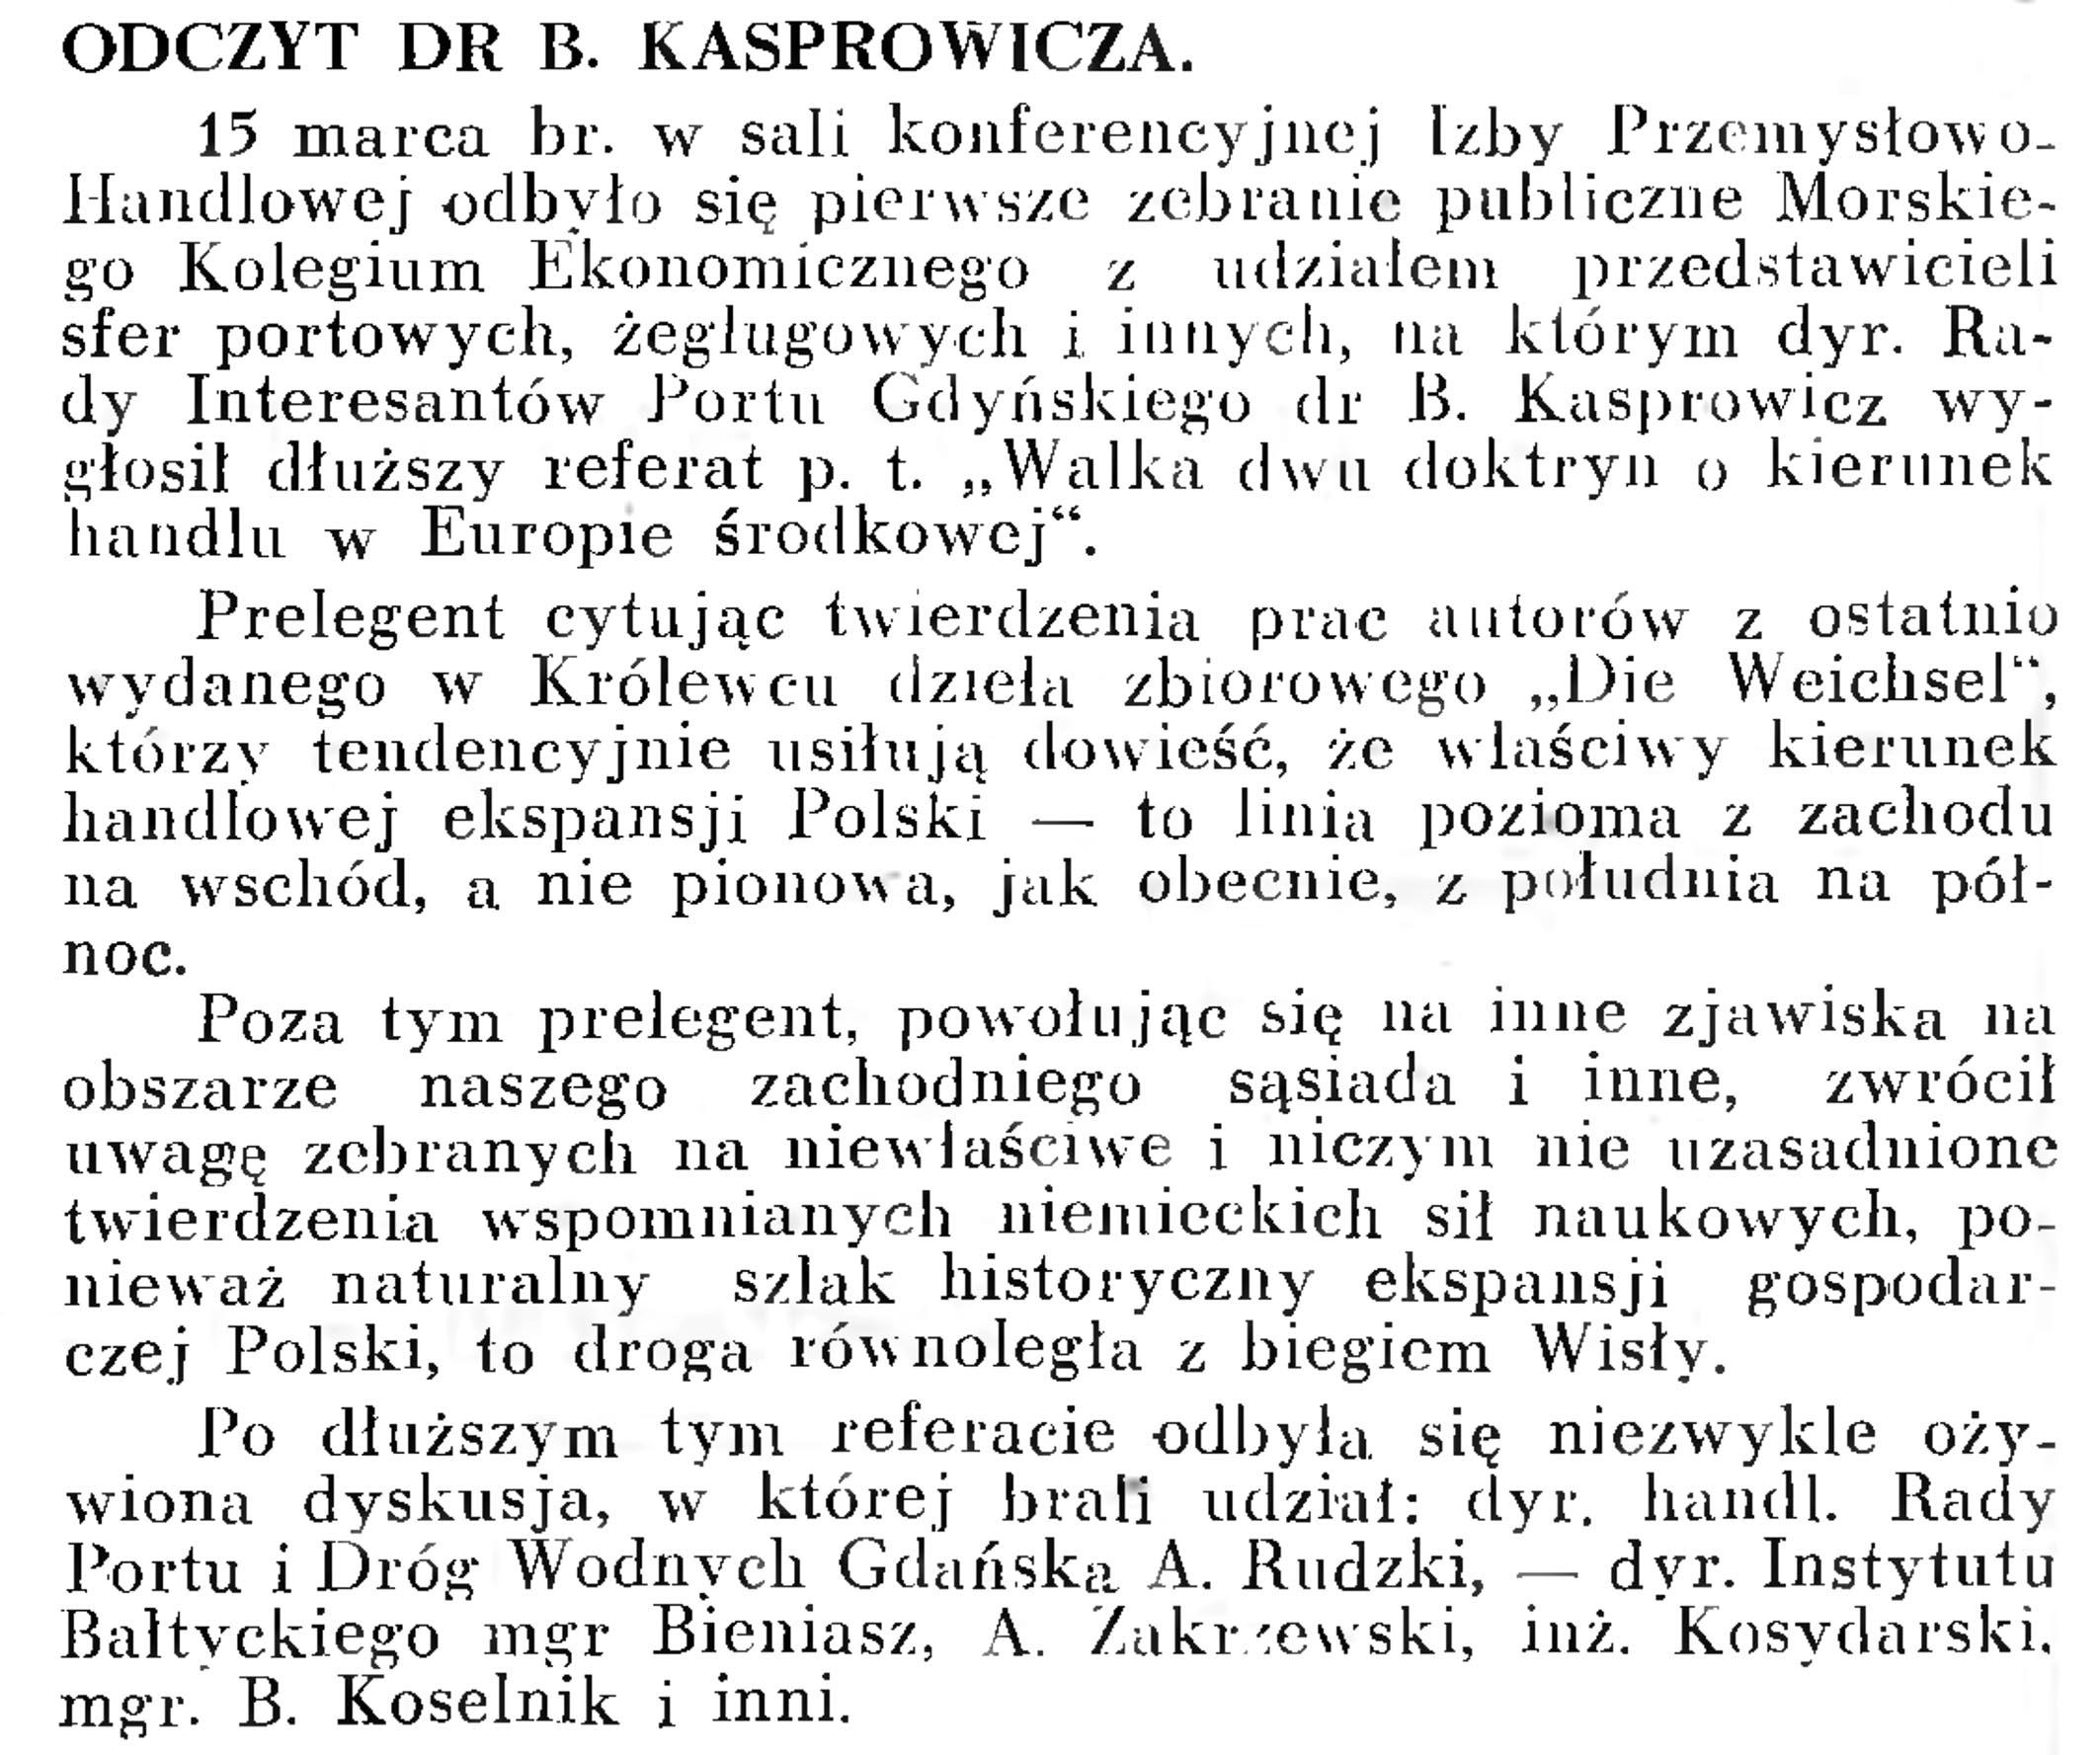 Odczyt dr B. Kasprowicza // Wiadomości Portowe. - 1939, nr 3, s. 16